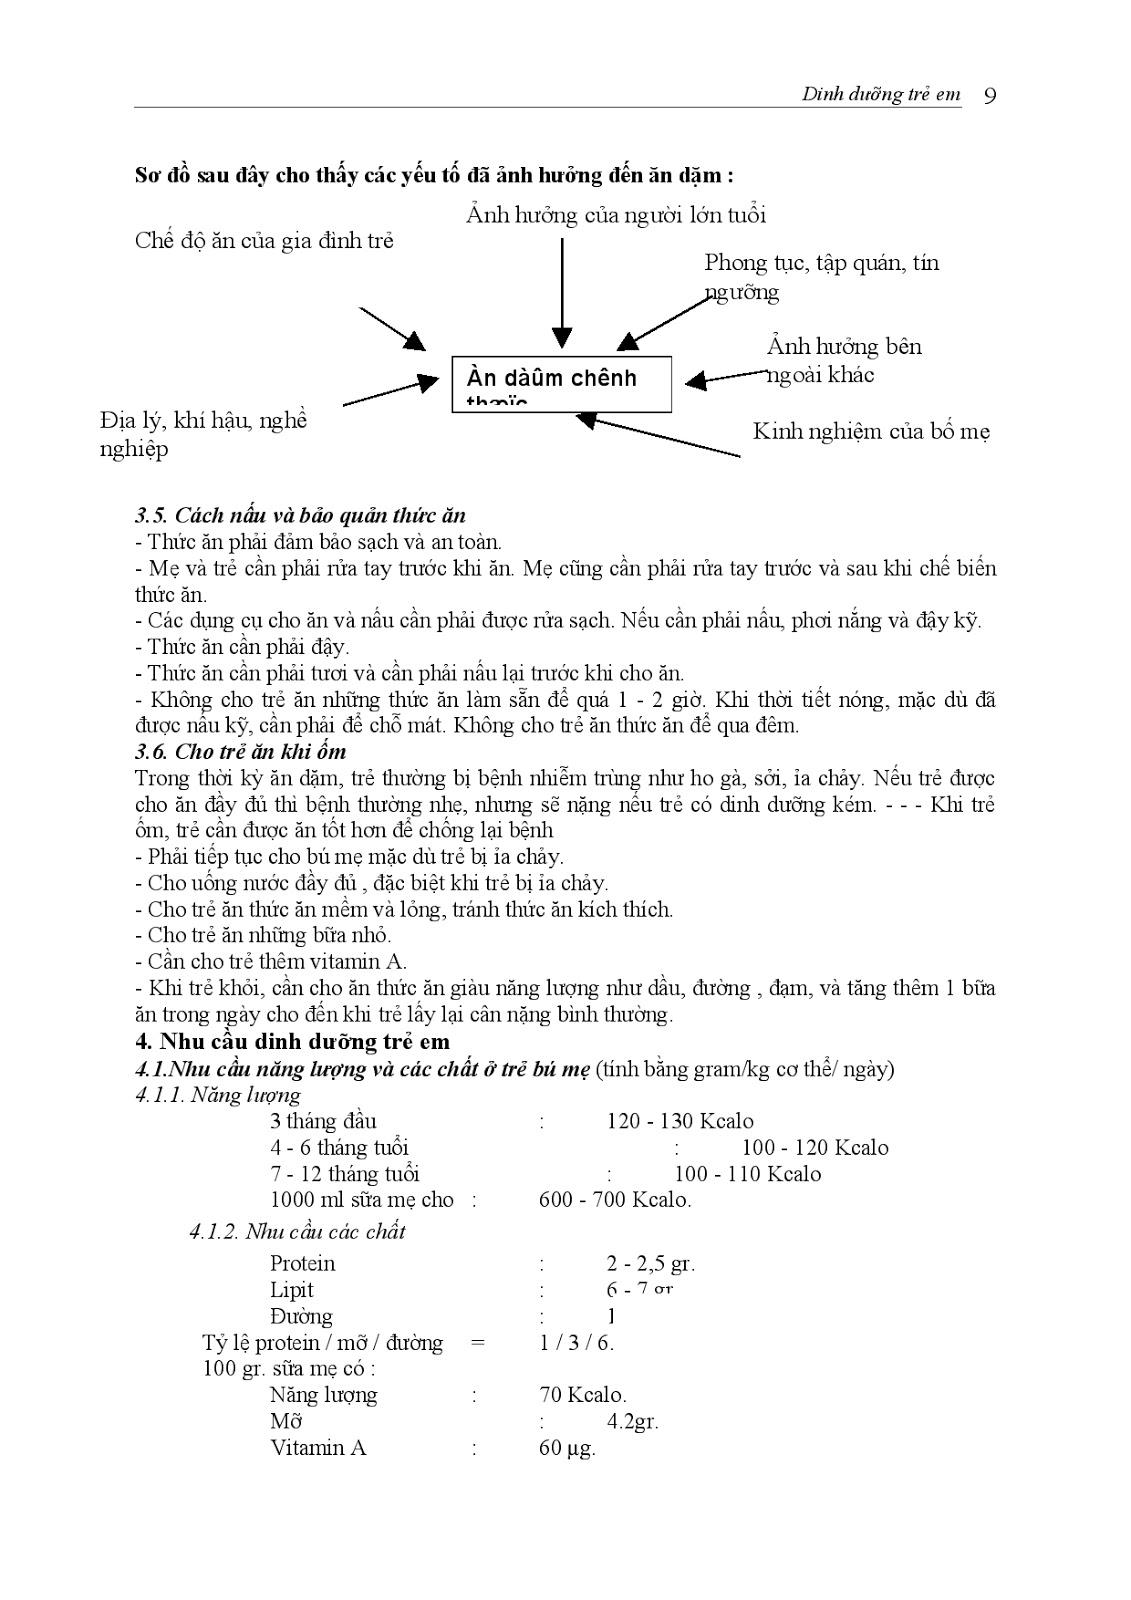 Trang 9 sach Bài giảng Nhi khoa I (Nhi khoa cơ sở - Nhi dinh dưỡng) - ĐH Y Huế